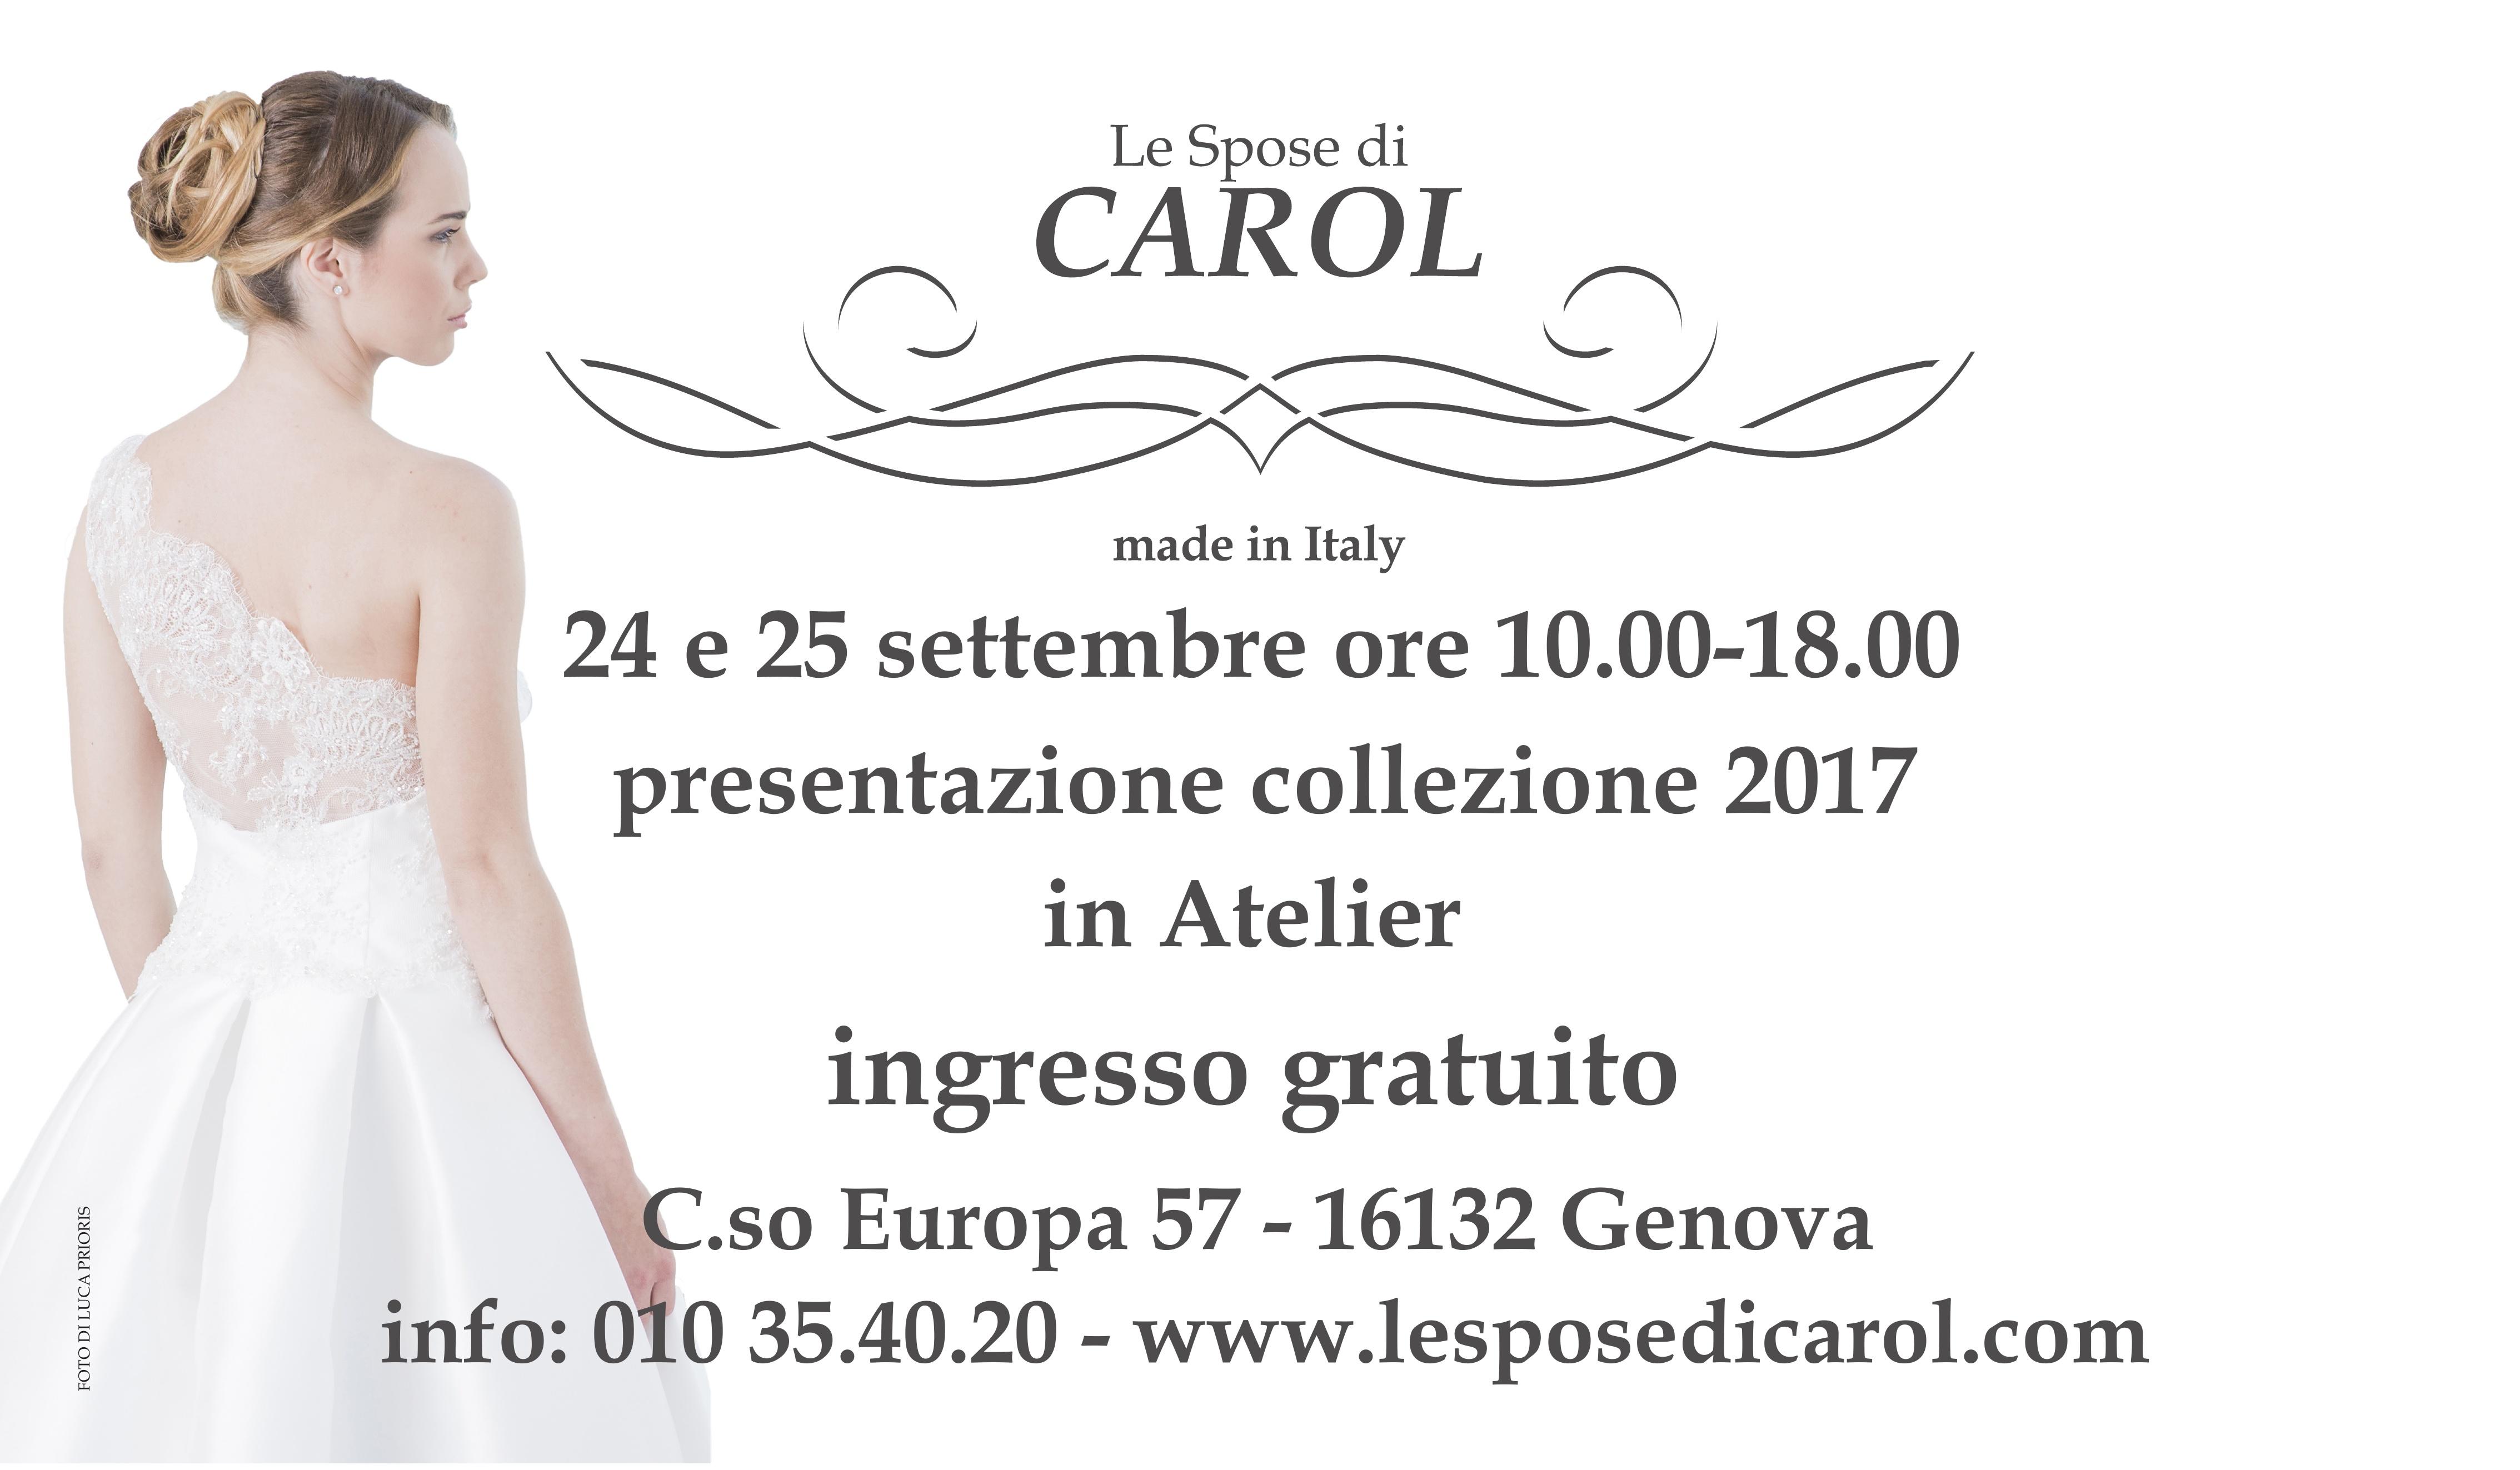 2d8795b30e Le Spose di Carol : la presentazione in atelier della nuova collezione 2017